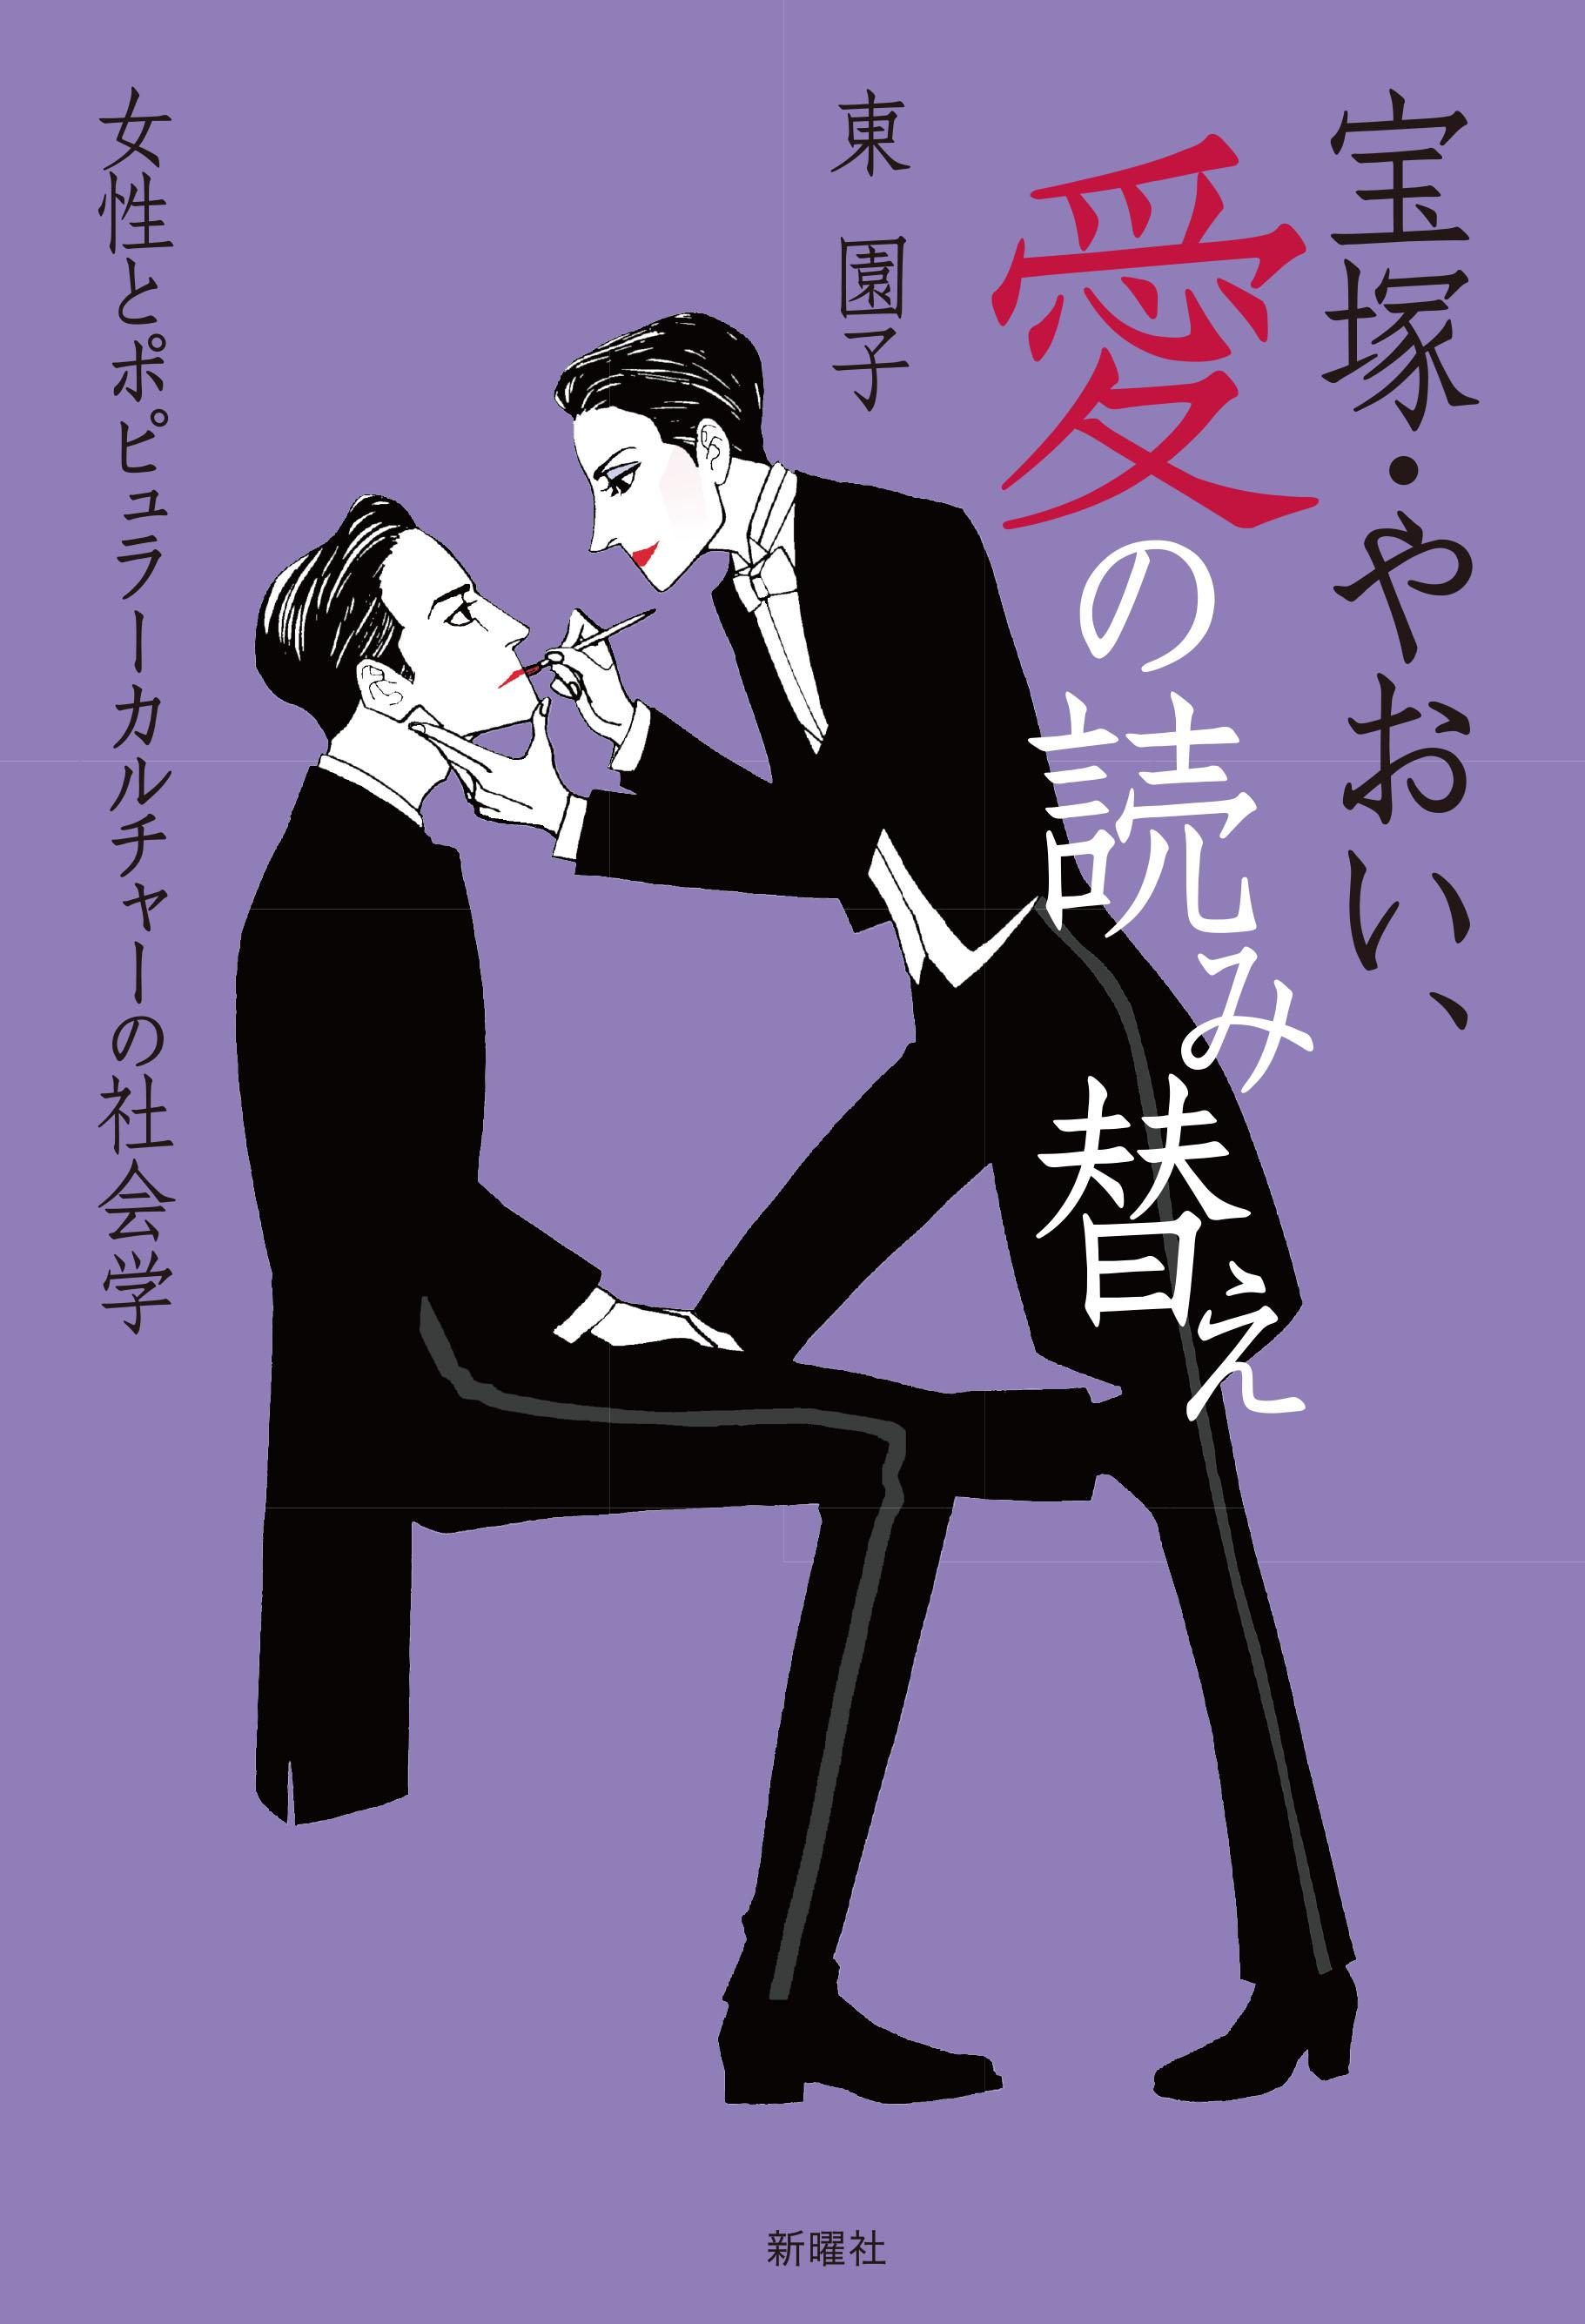 宝塚・やおい、愛の読み替え<br>女性とポピュラーカルチャーの社会学